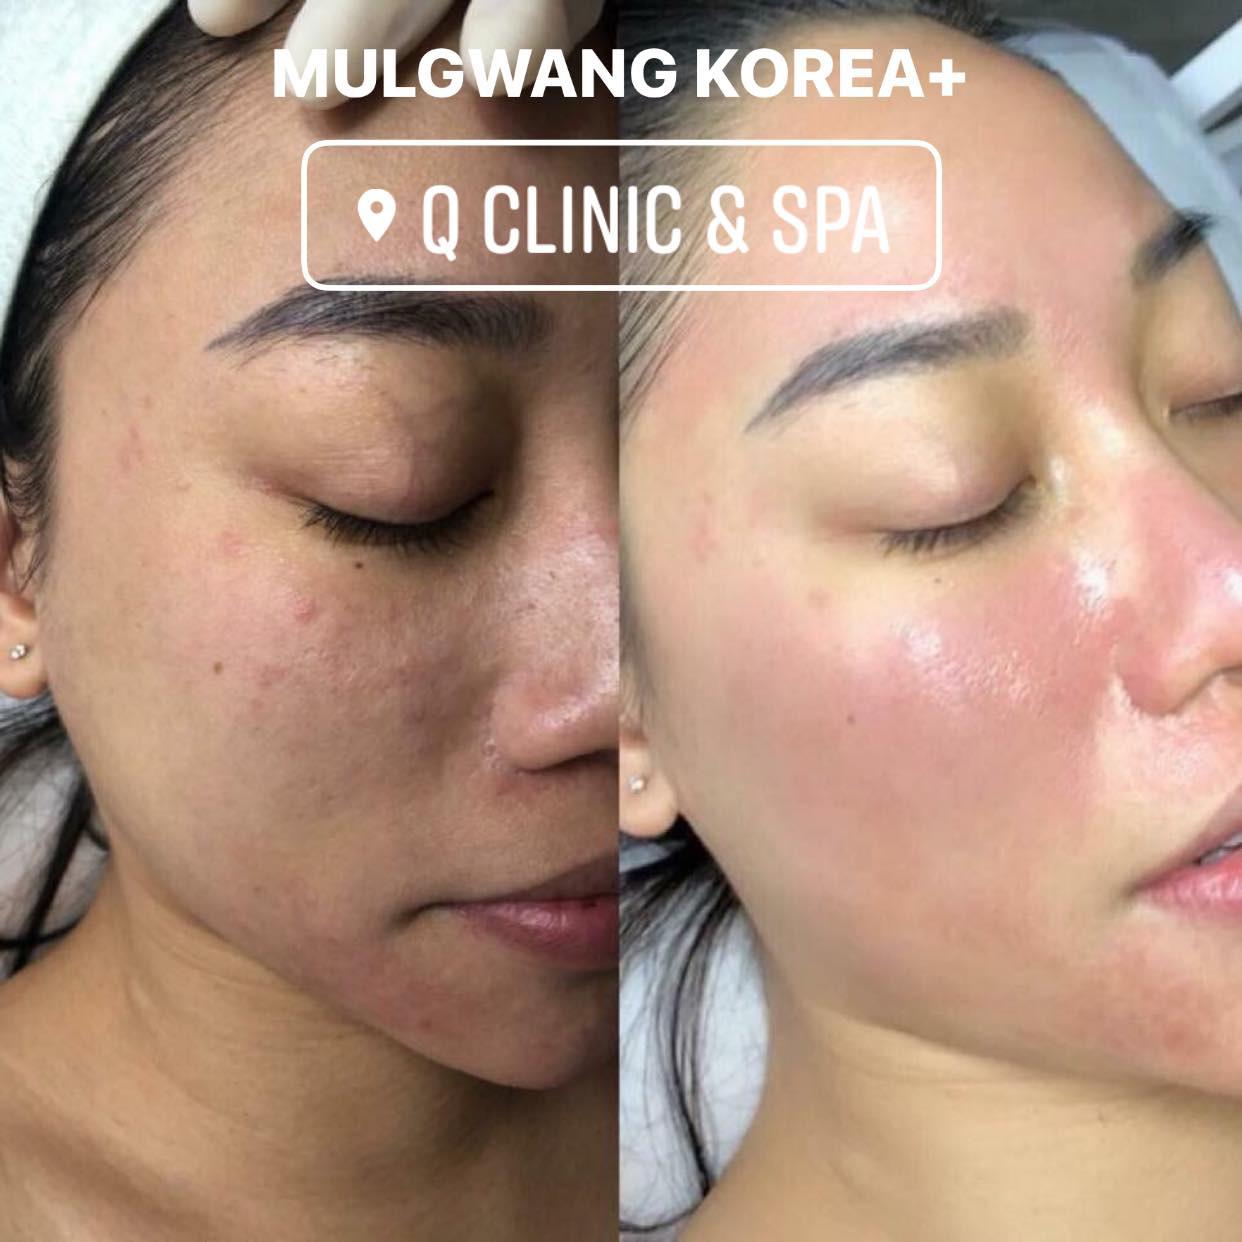 Q Clinic & Spa chia sẻ 6 lưu ý trang điểm khi da bị mụn - Ảnh 2.